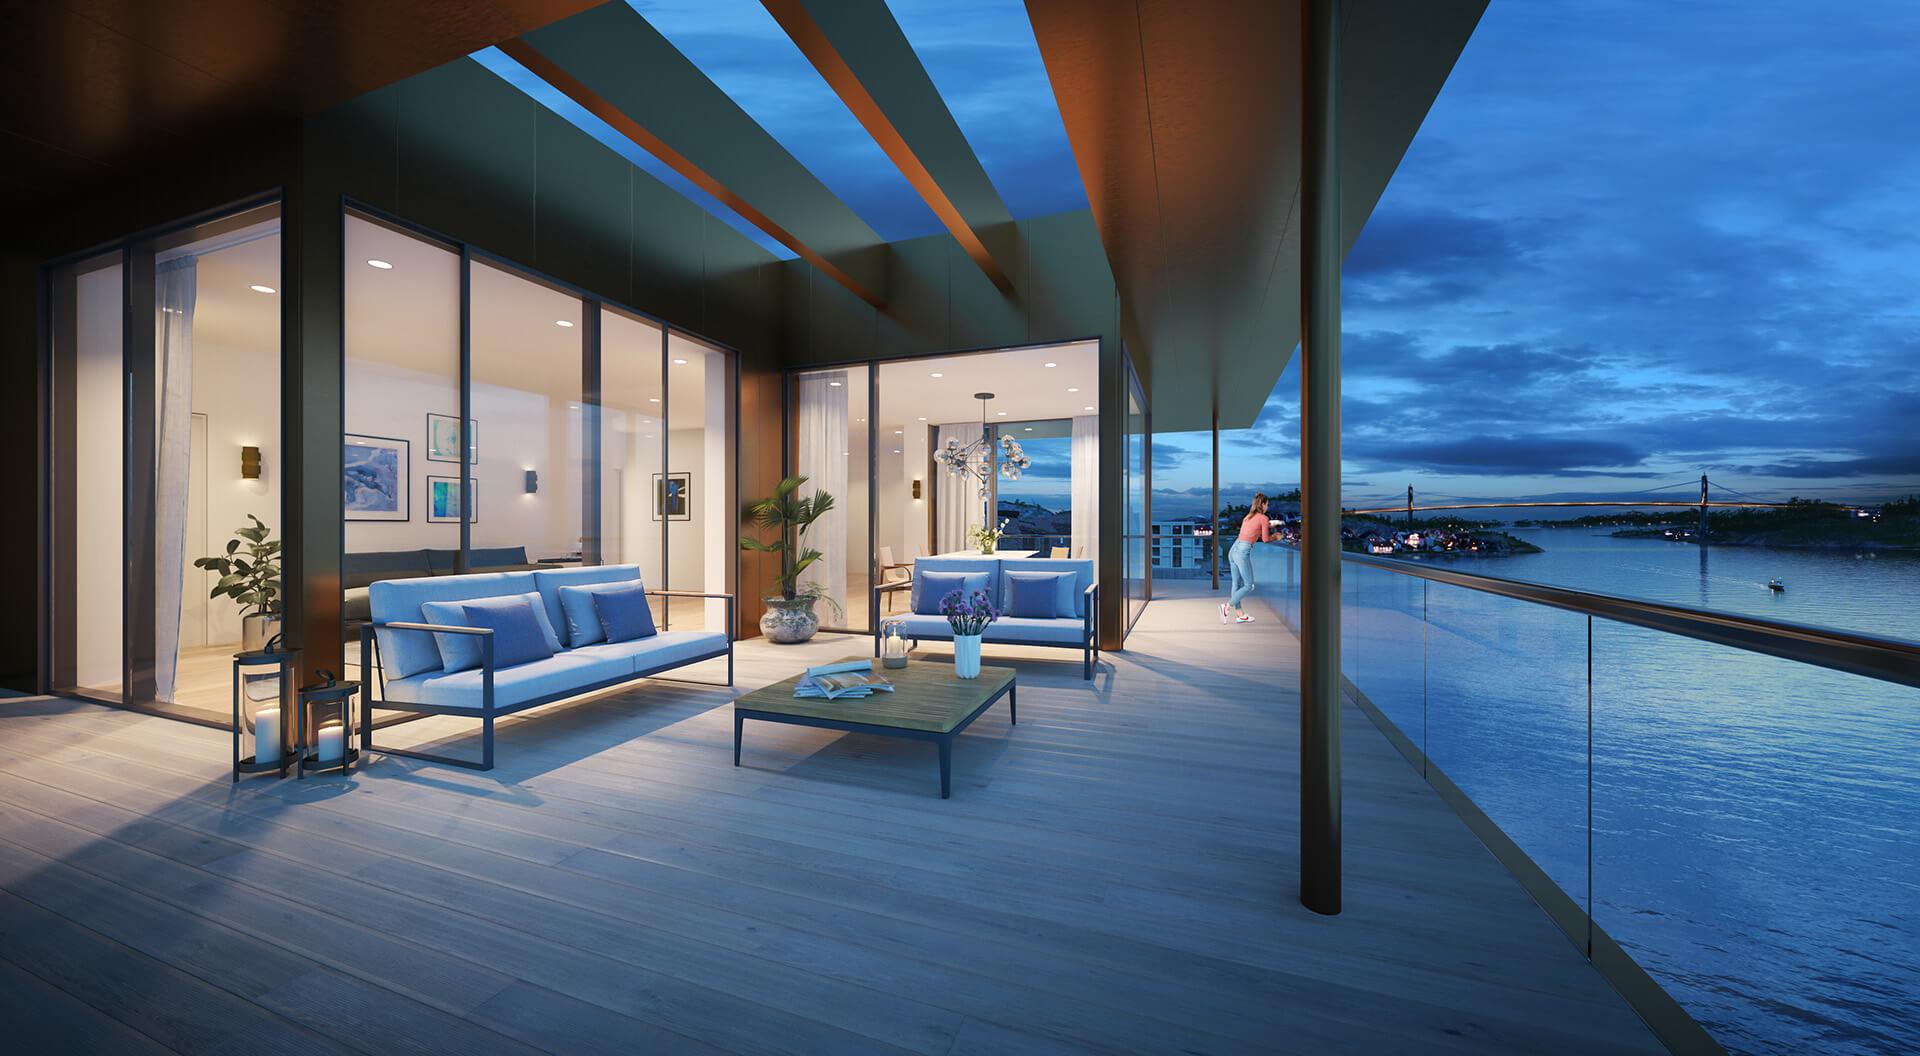 E 403 ligger øverst i E-bygget, og er en av de mest spektakulære leilighetene. (Illustrasjonbilde. Endringer kan forekomme.)